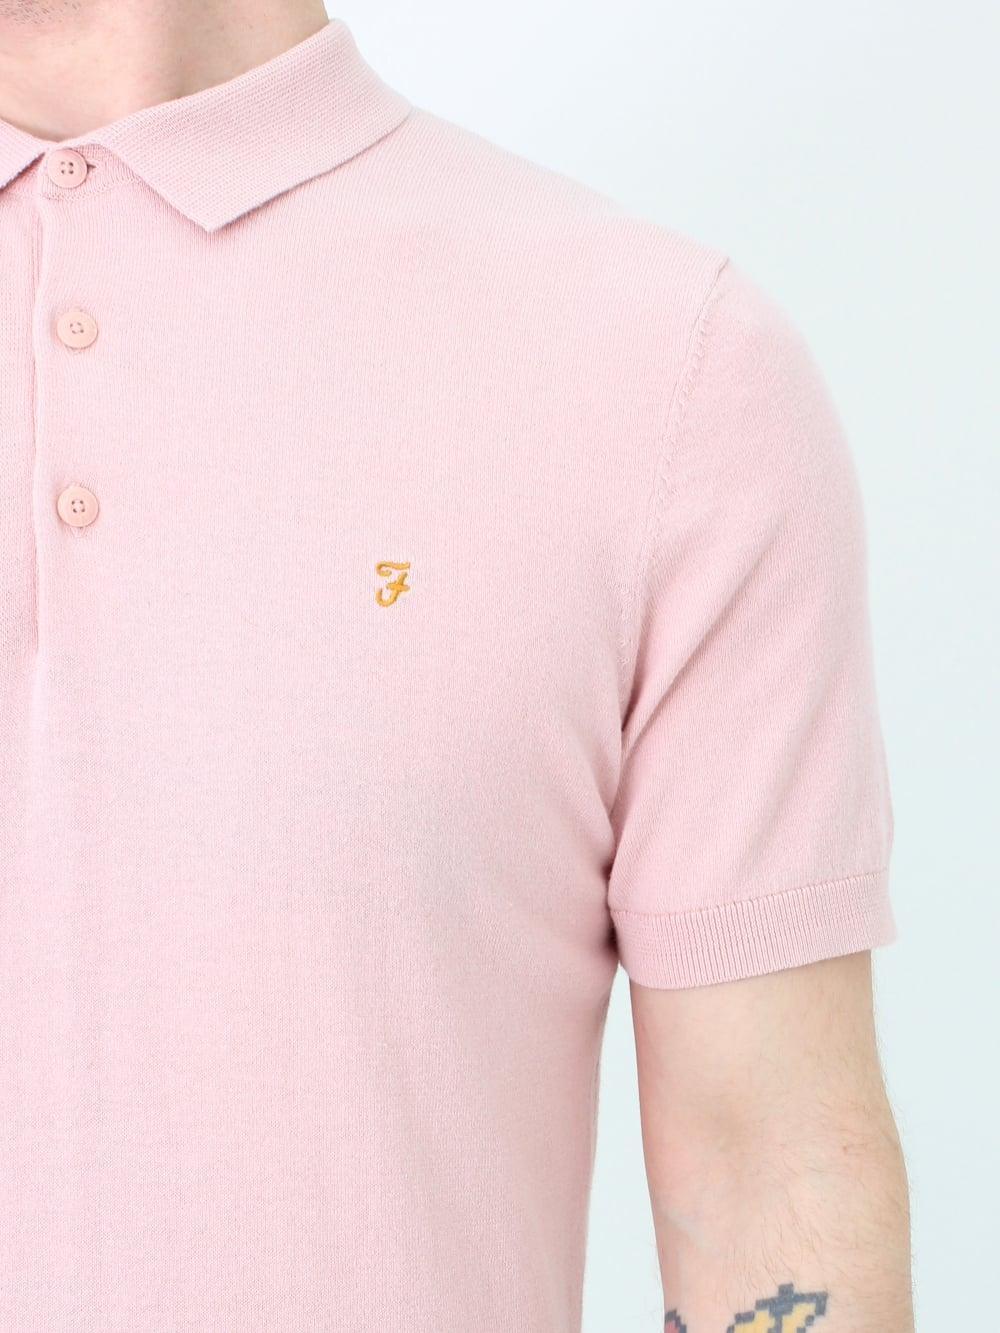 da01c5b5 Farah Ben S/S Knitted Polo in Rose | Northern Threads